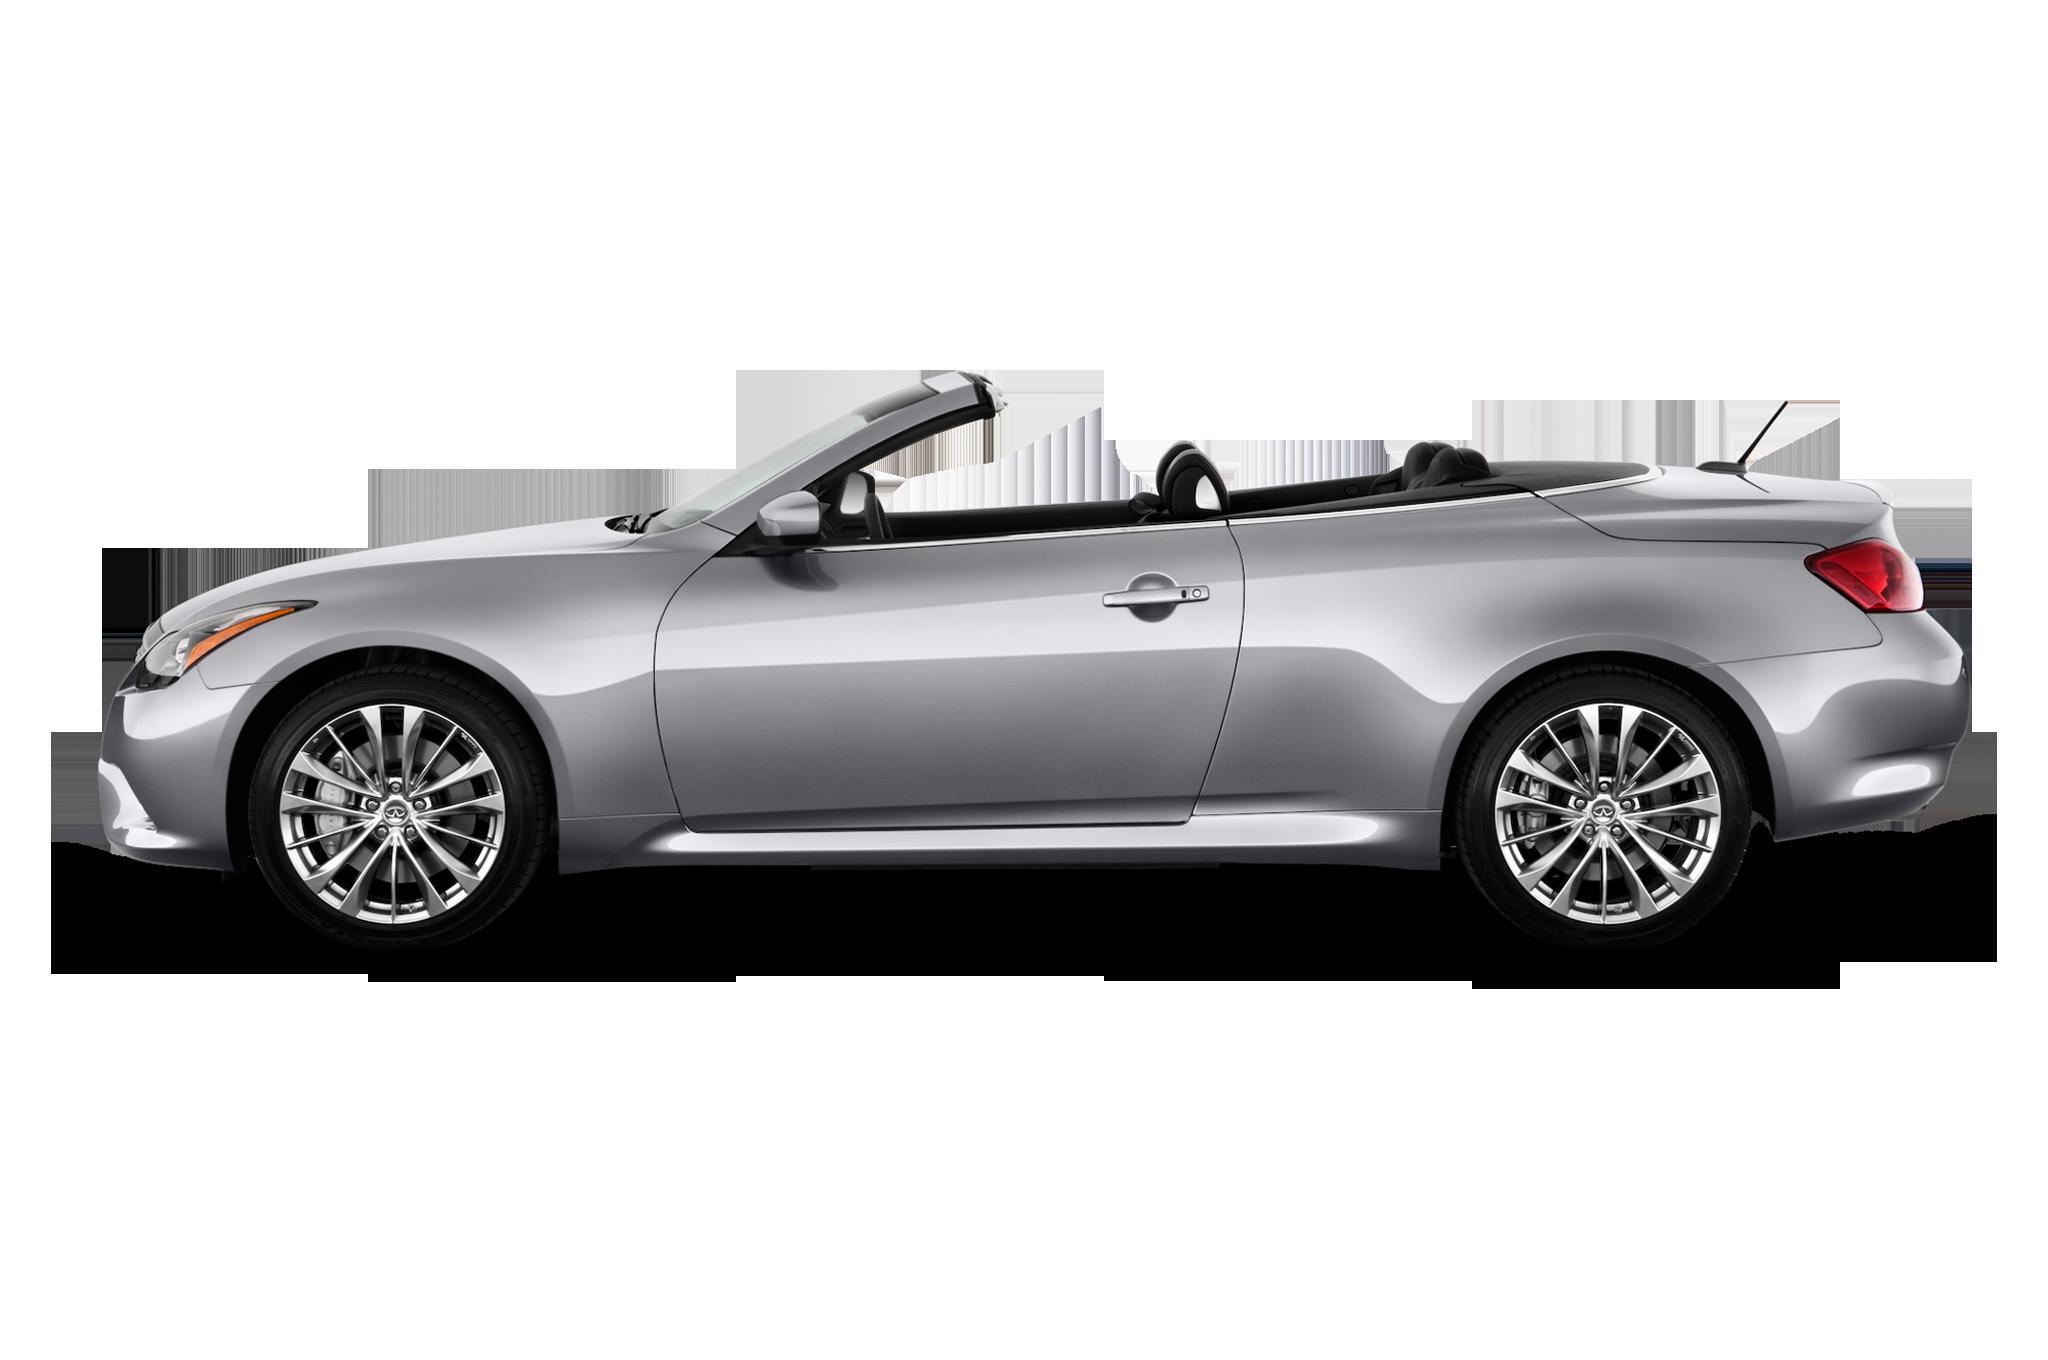 2012 Infiniti G37 Sedan Sport 6mt Editors 39 Notebook